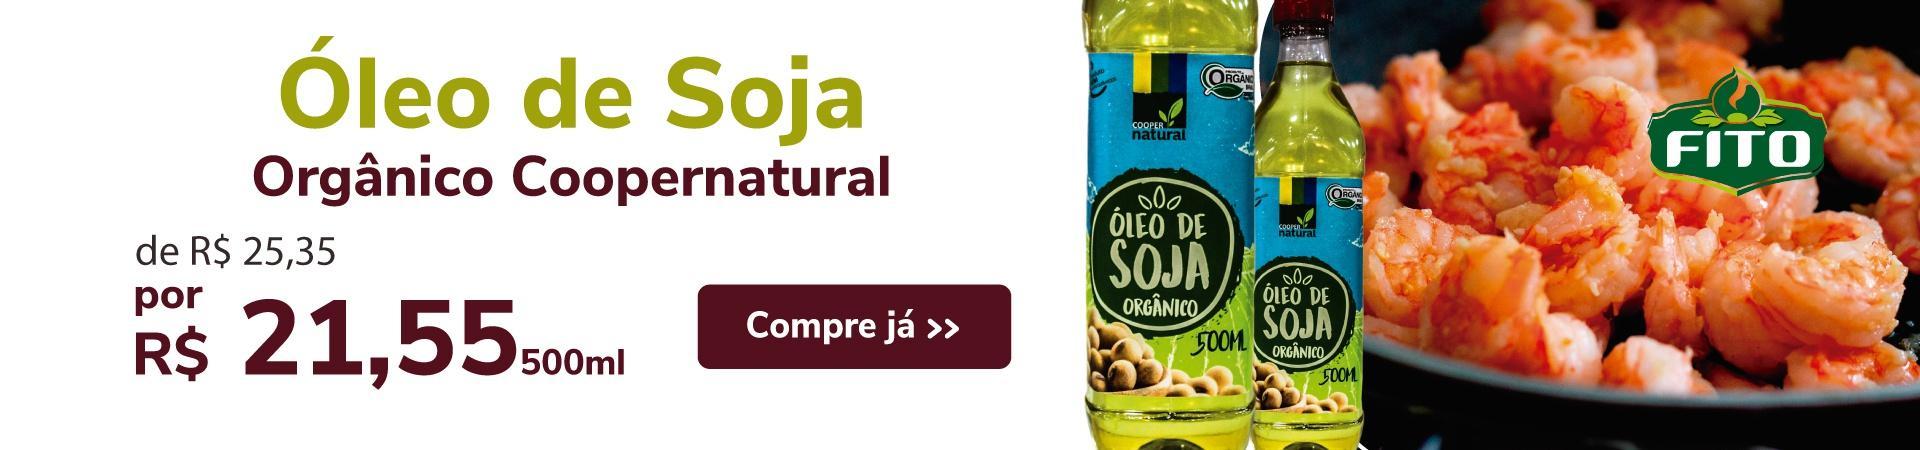 Oleo de Soja